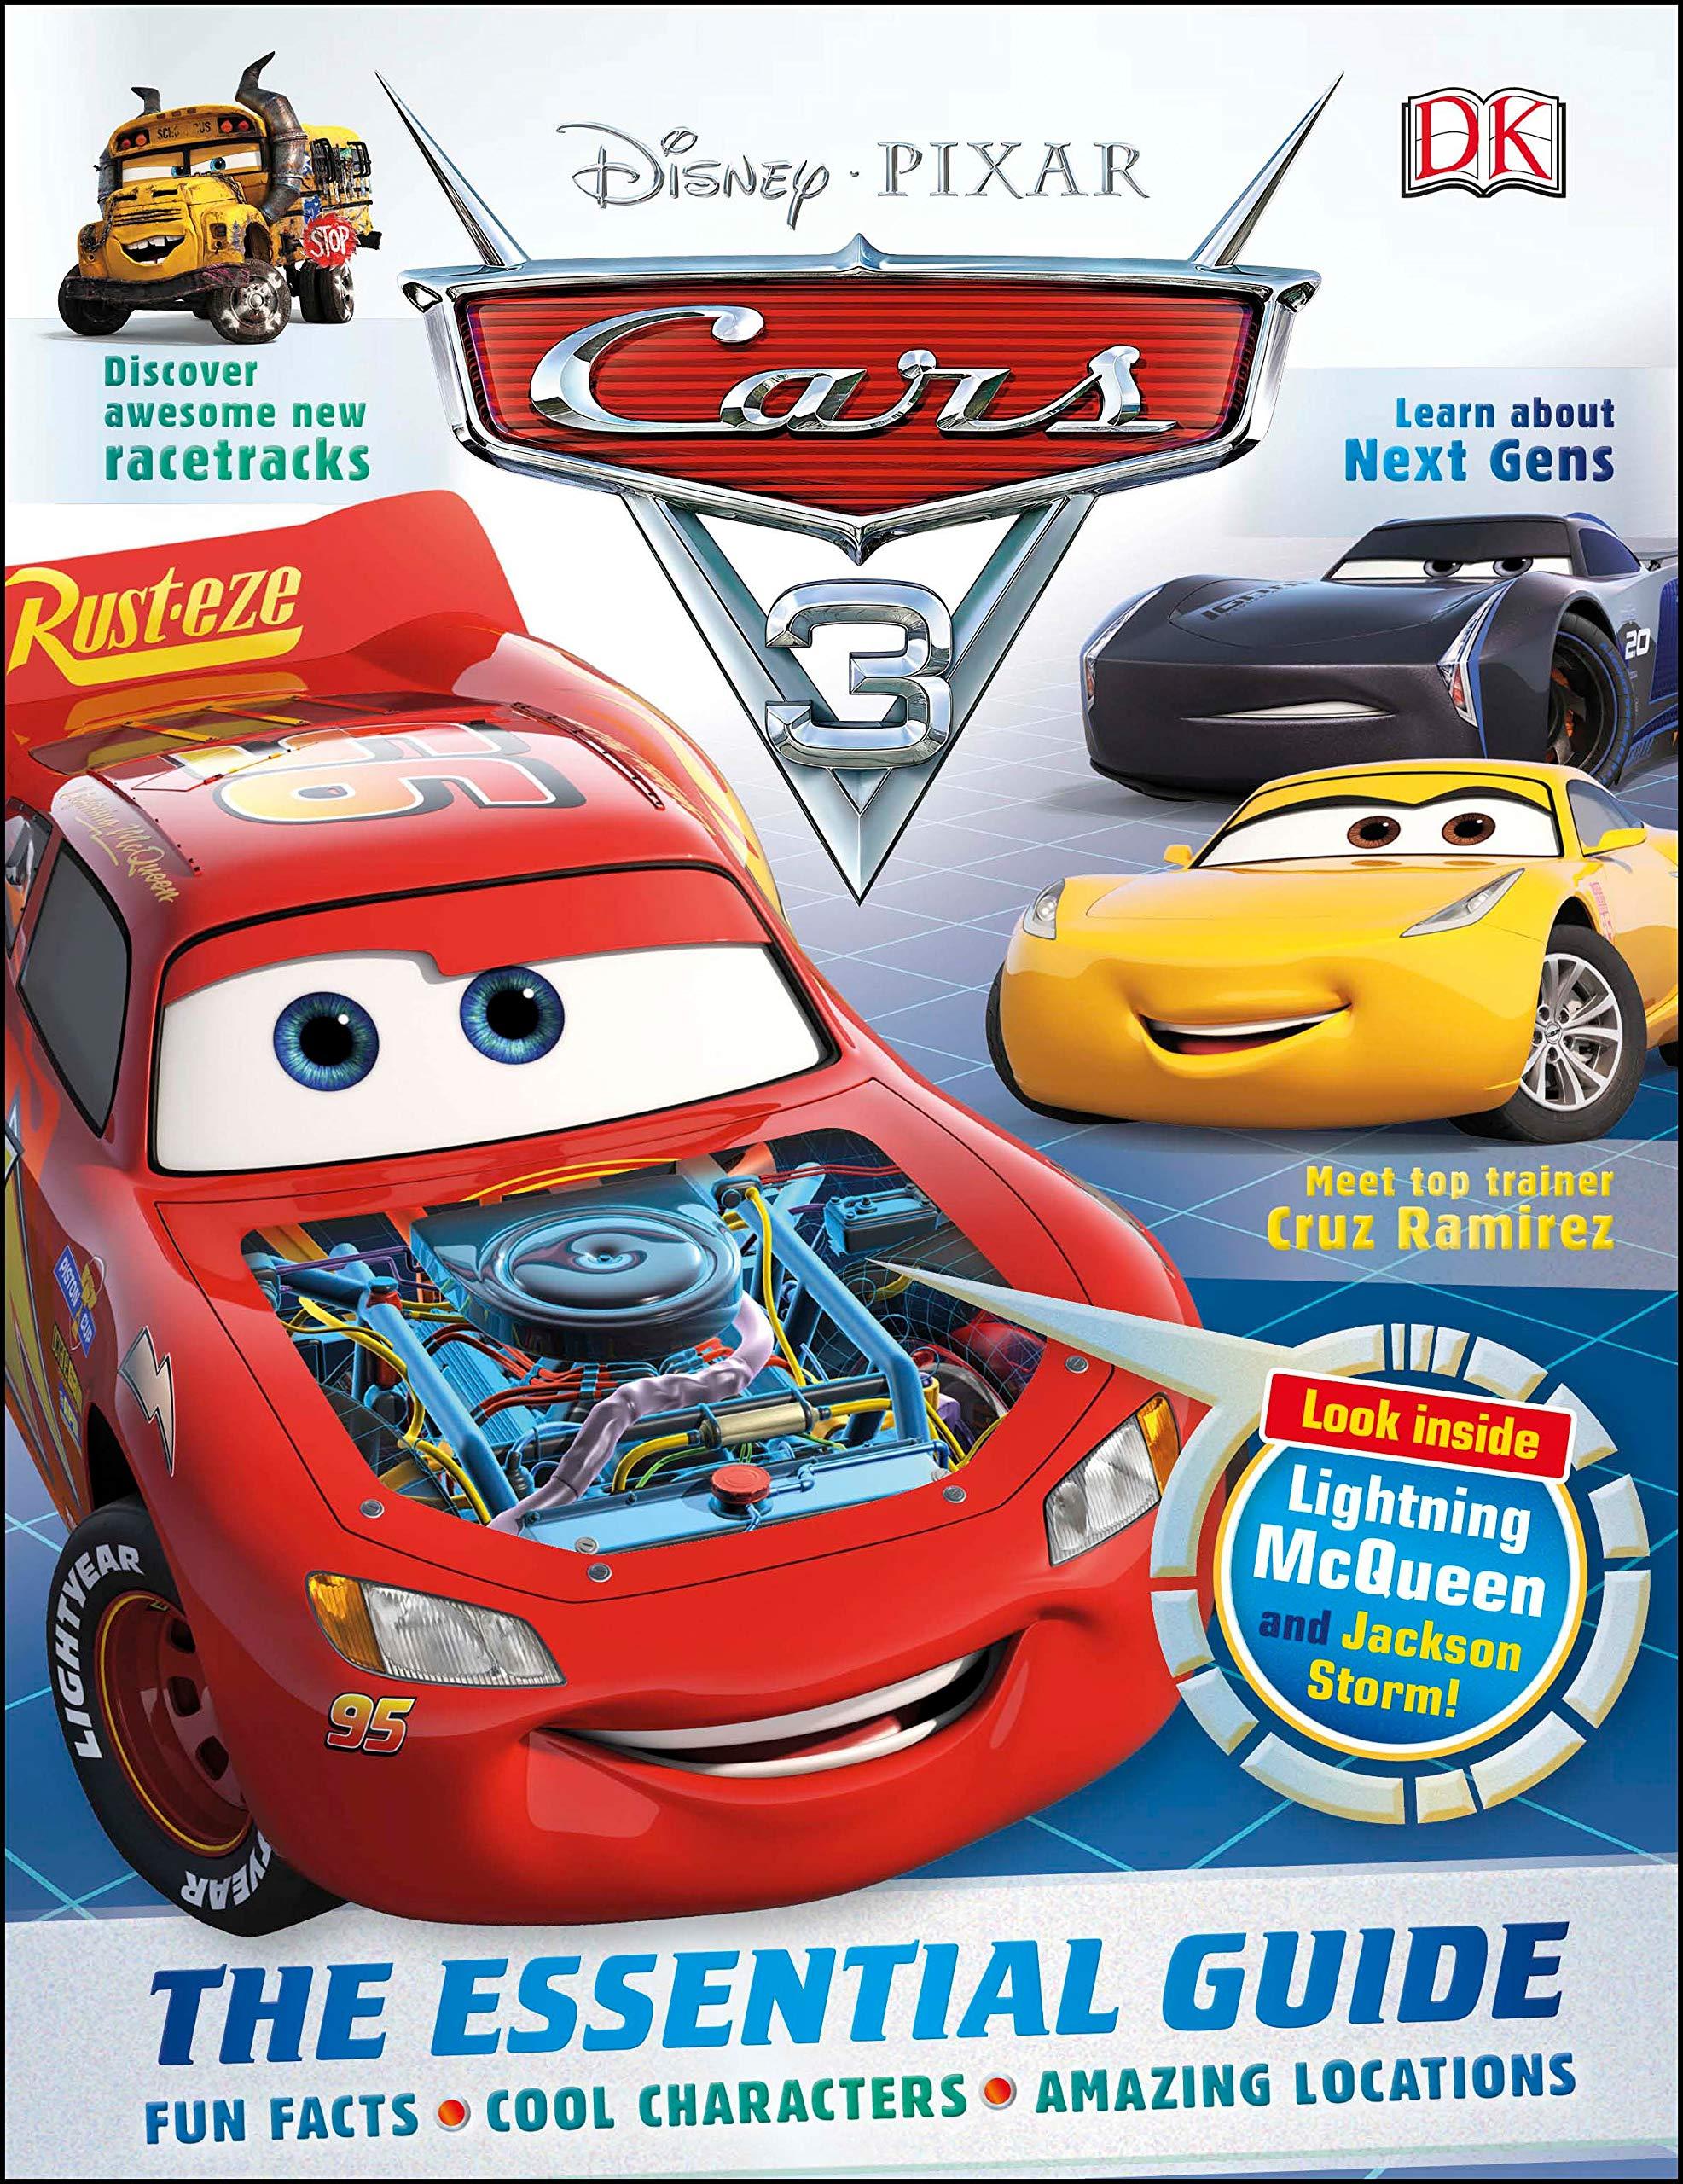 Disney Pixar Cars 3 The Essential Guide Dk 9781465455598